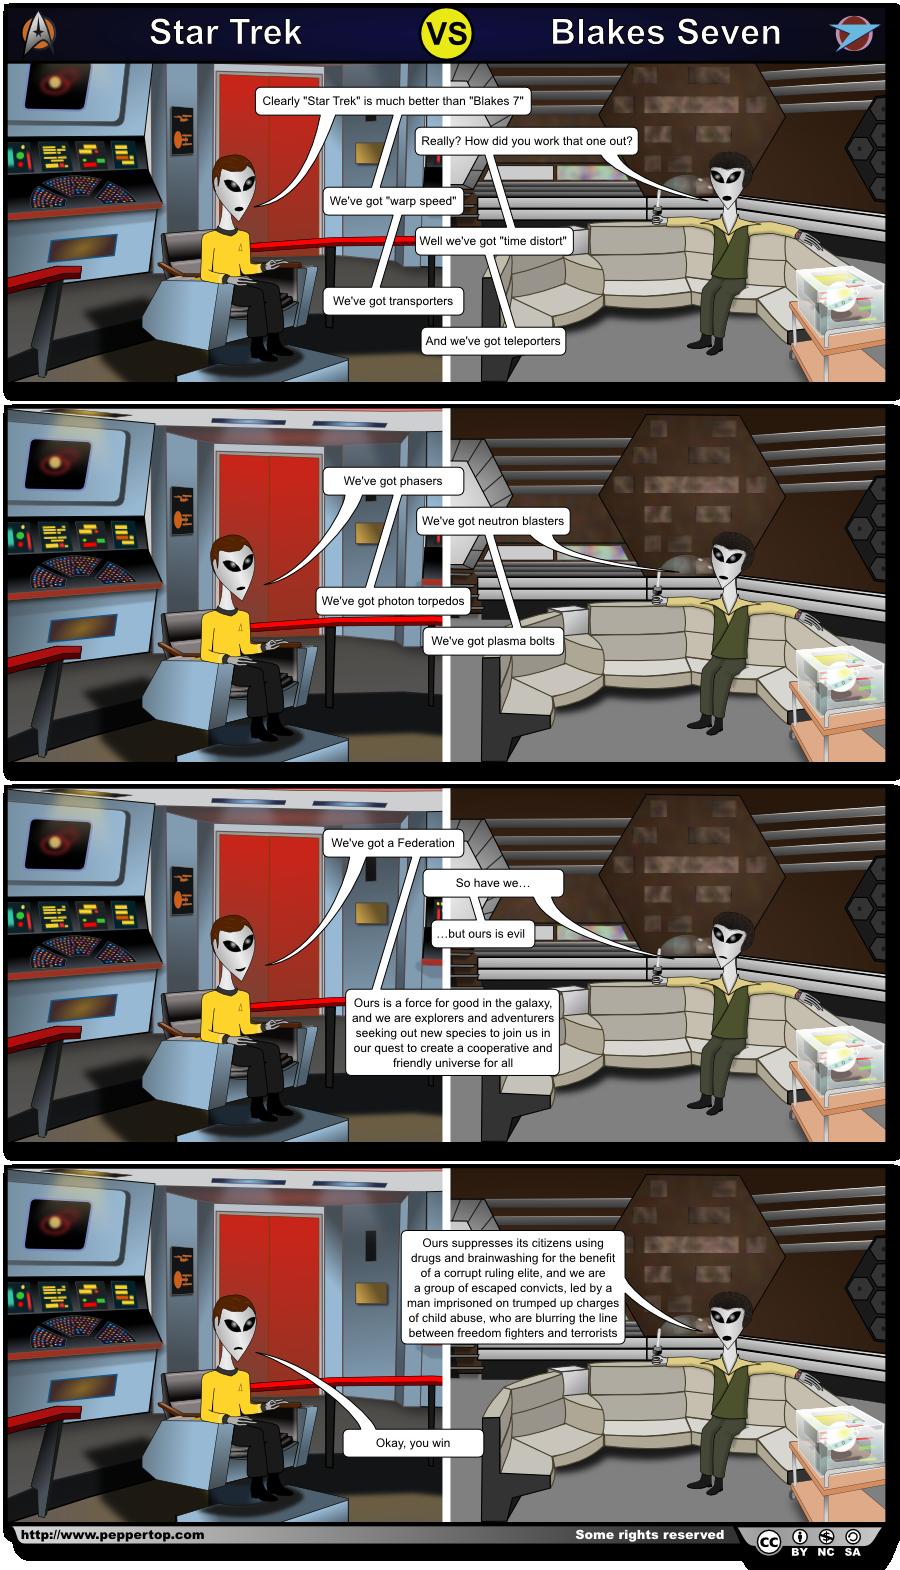 Star Trek vs Blakes Seven